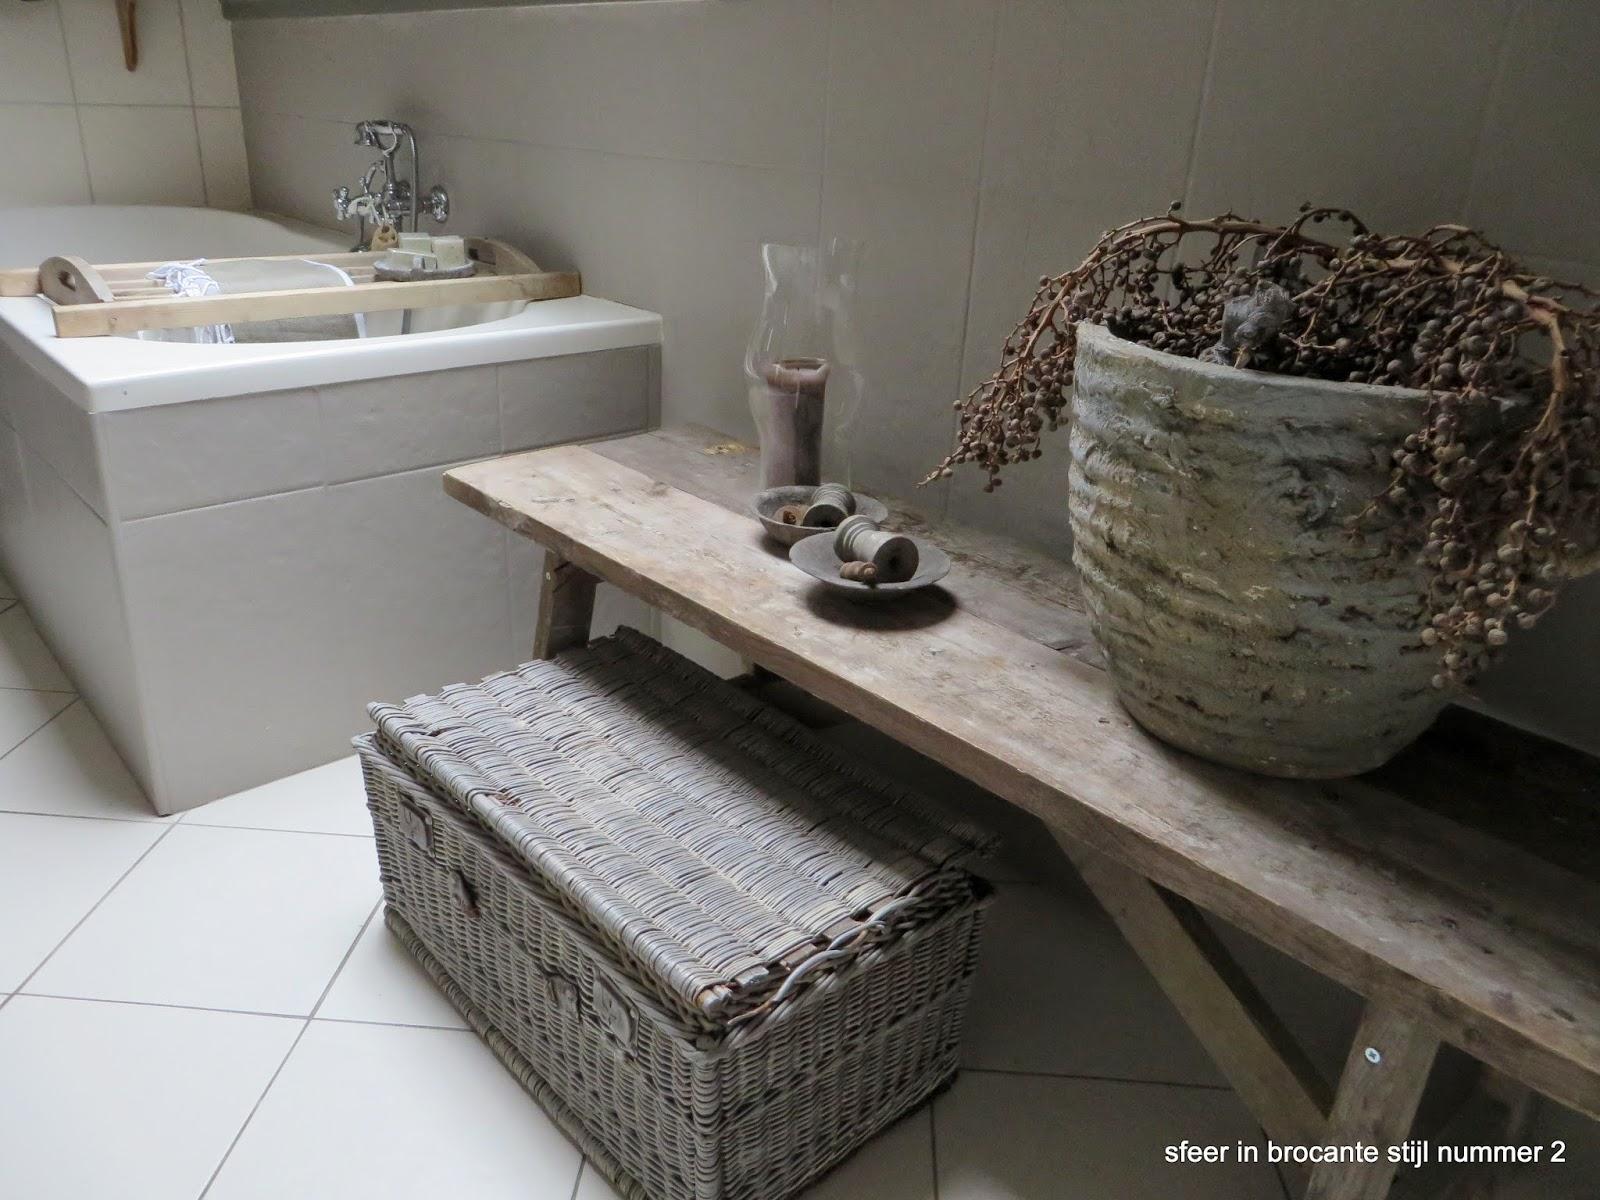 Sfeer in landelijke stijl nummer 2 oude tafel in badkamer - Kleine woonkamer decoratie ...